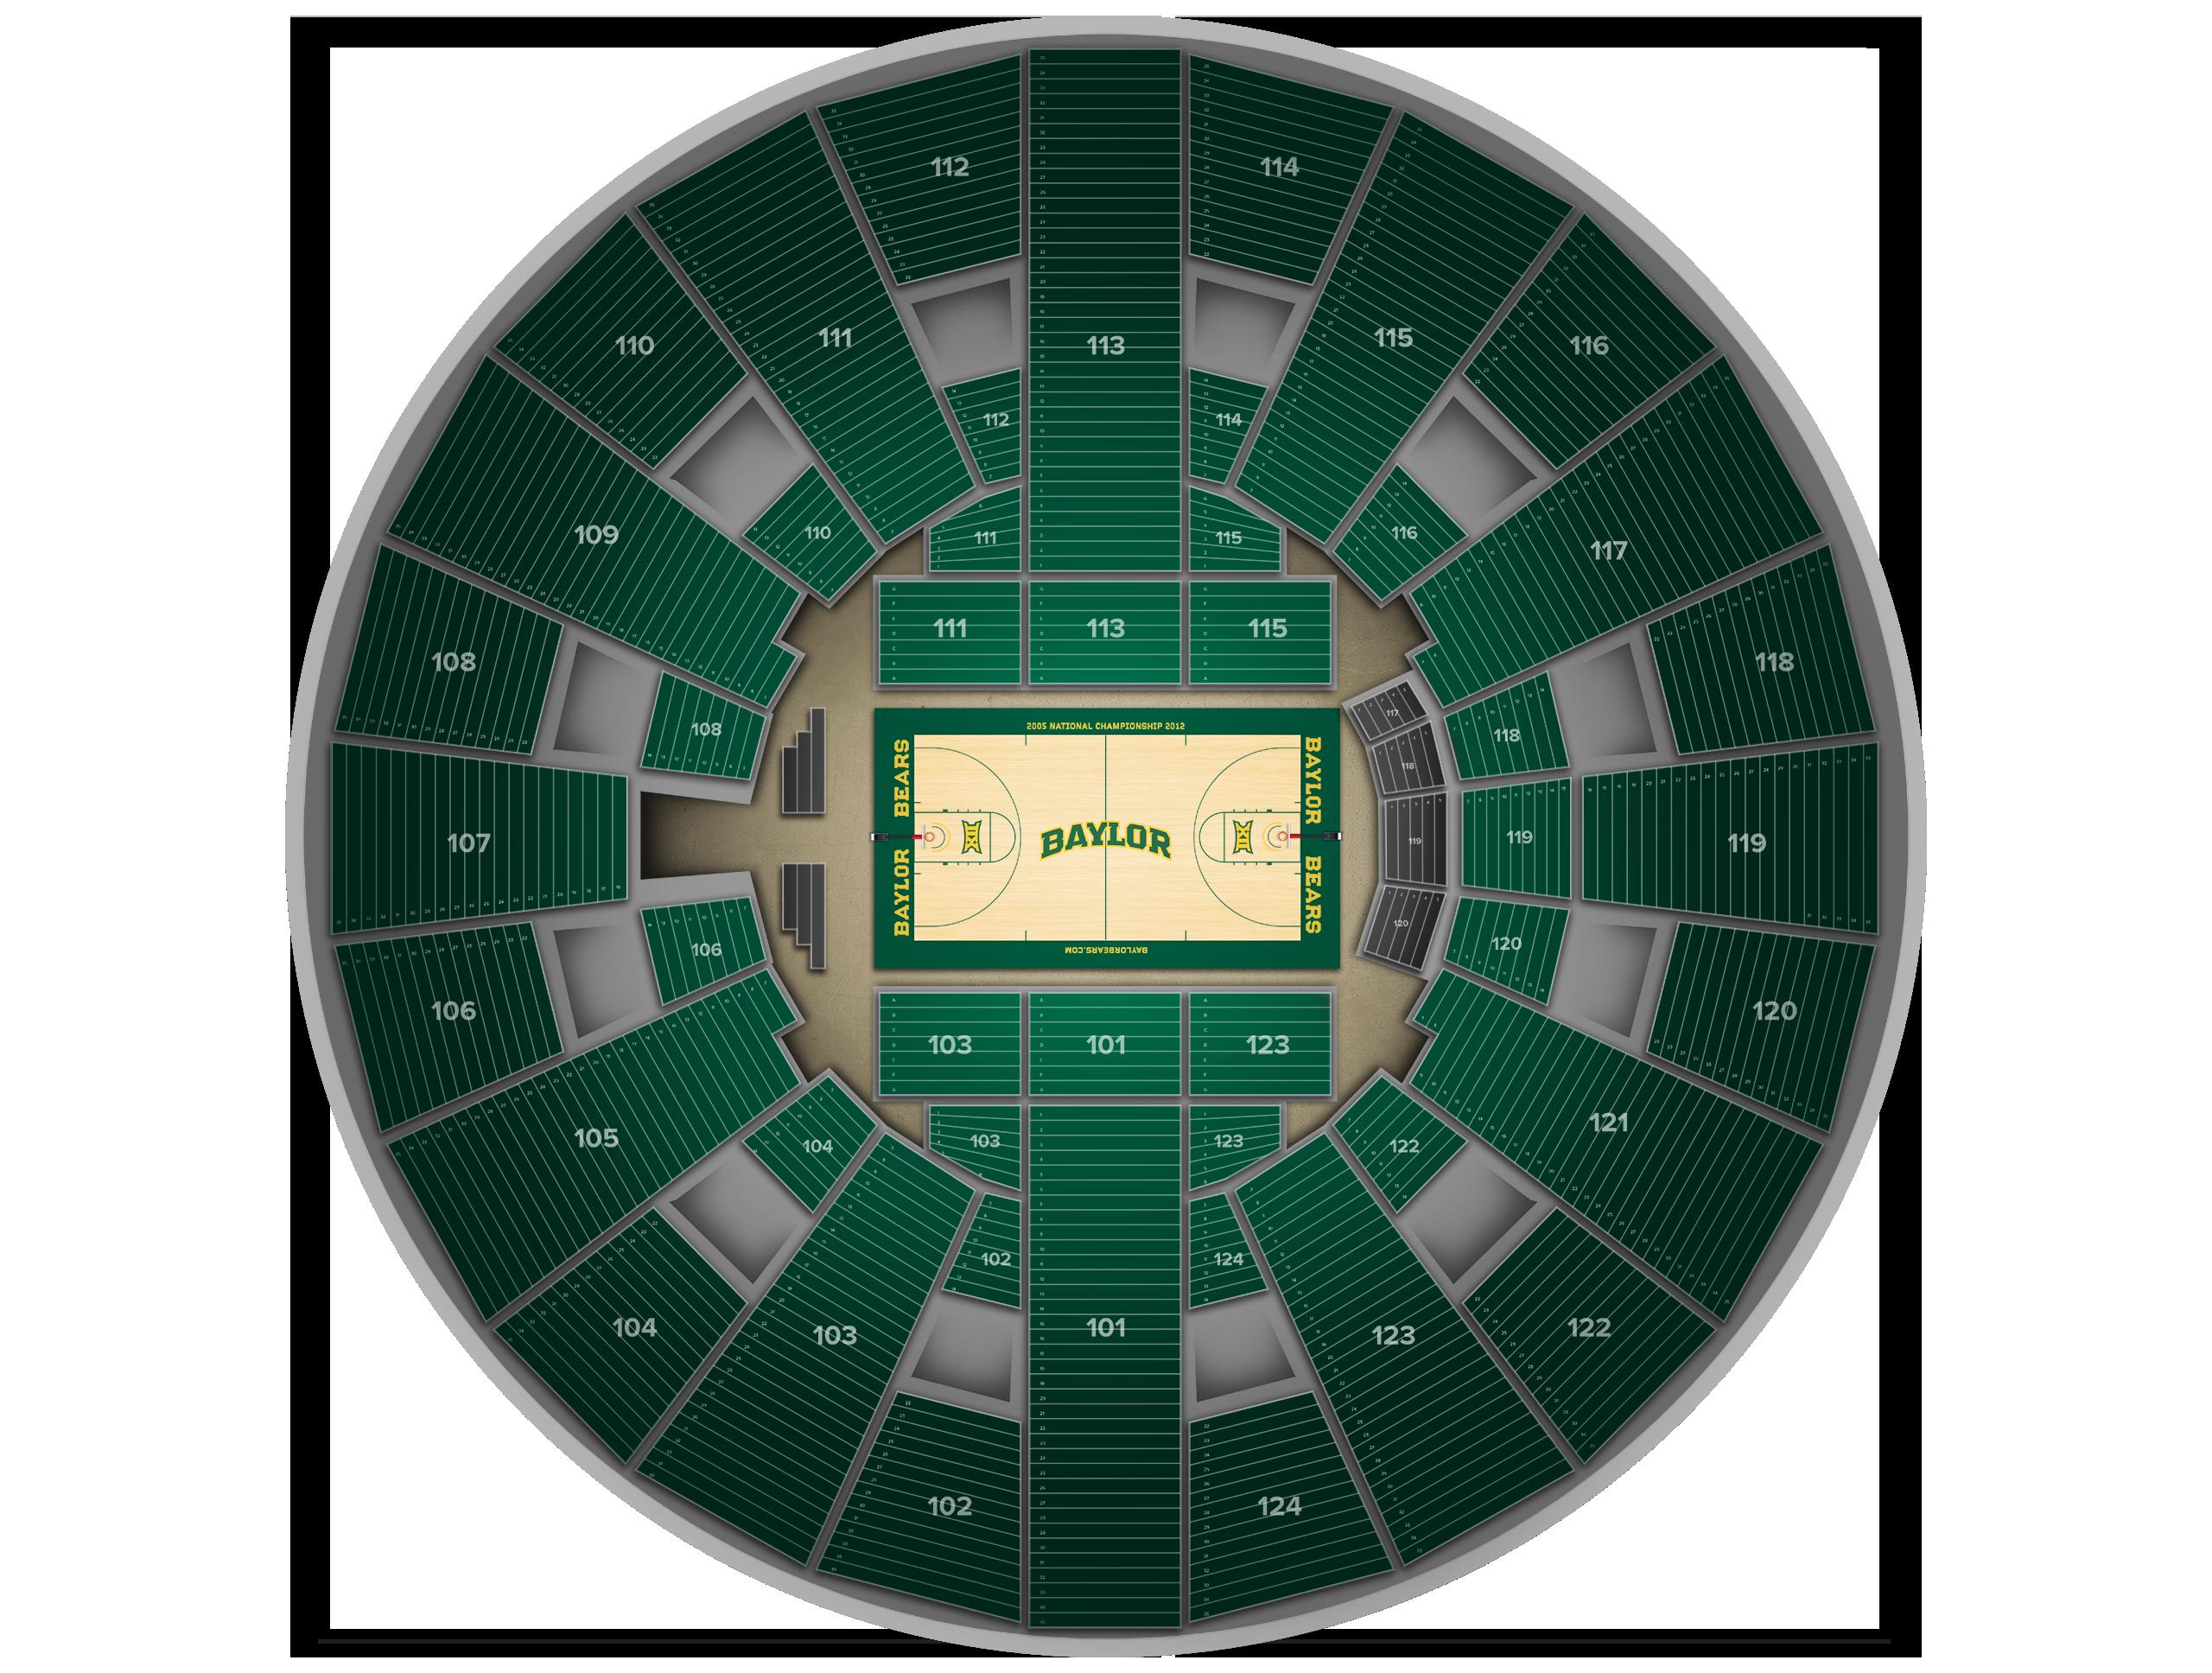 Ferrell Center Tickets